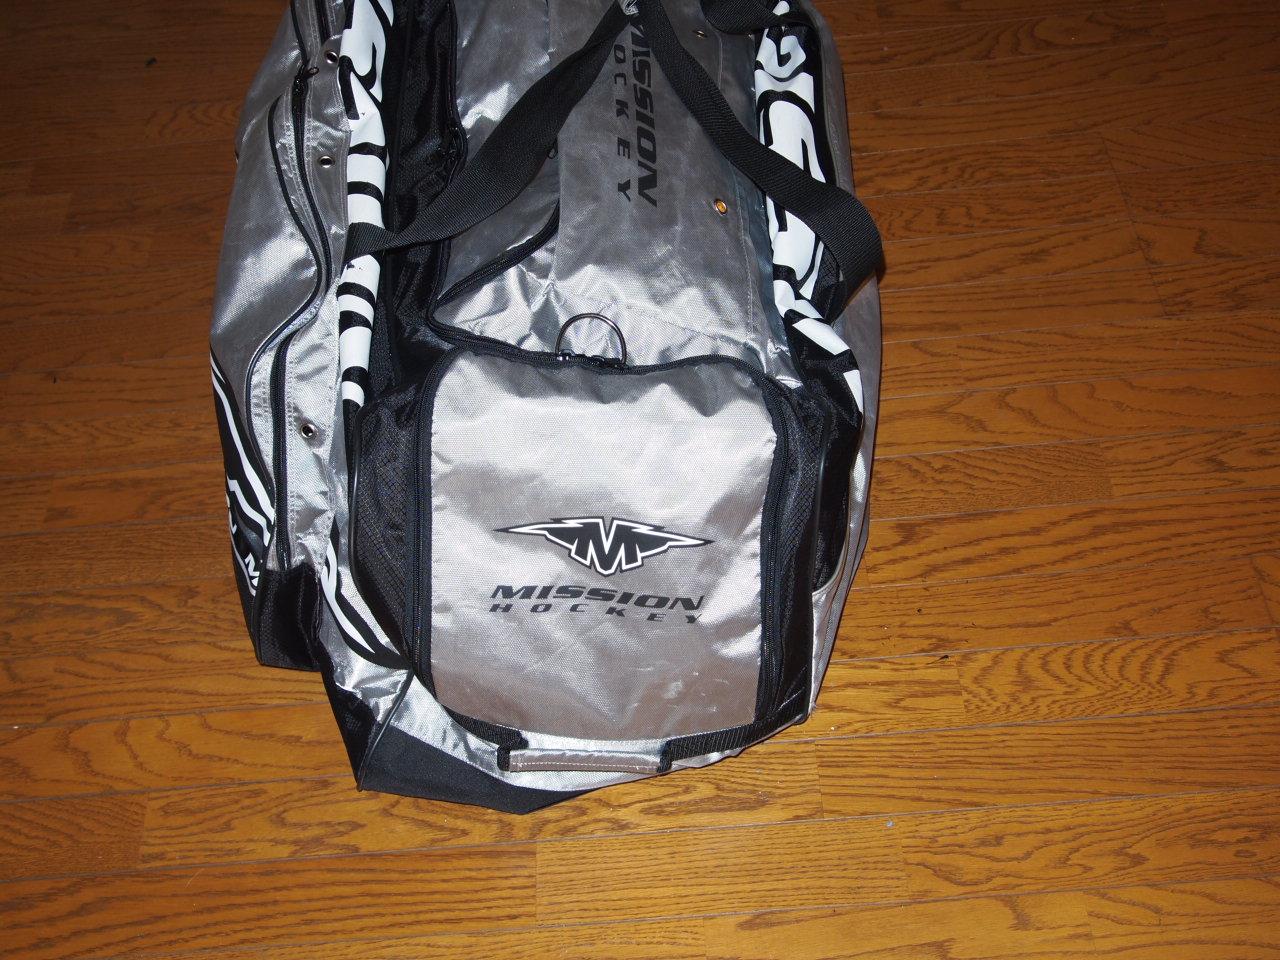 1d8c89f57d7a このバッグを選んだのは、スケートシューズ用、ヘルメット用、その他用と、大きなコンパートメントに別れていて、使いやすそうだったのと、軽い物が欲しかったので、  ...